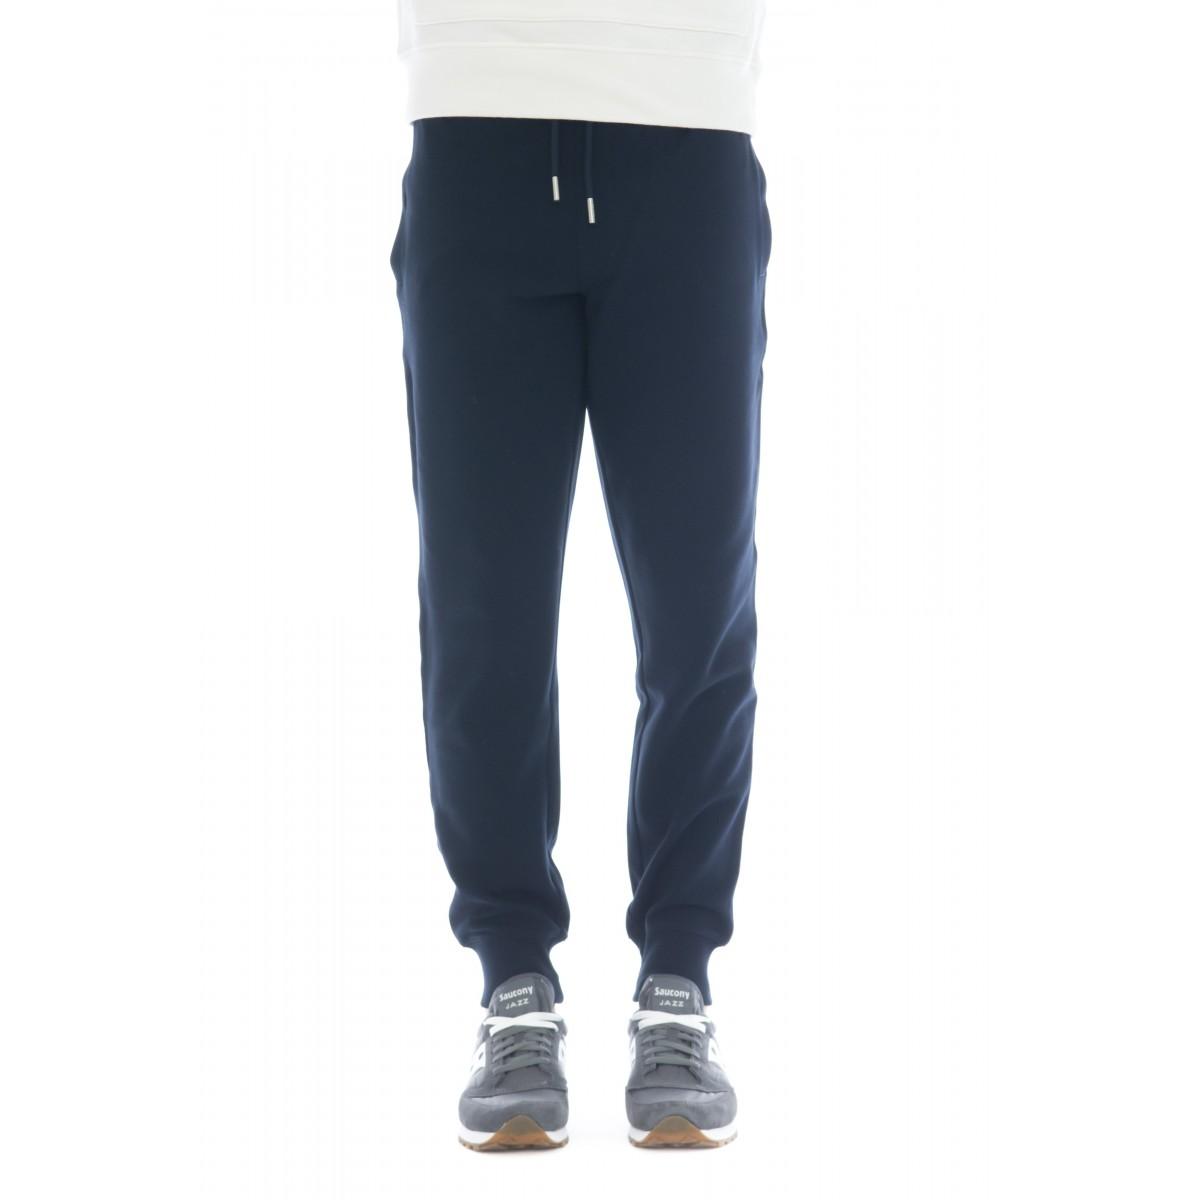 Pantalone uomo - F40133 pantalone nido d'ape heritage